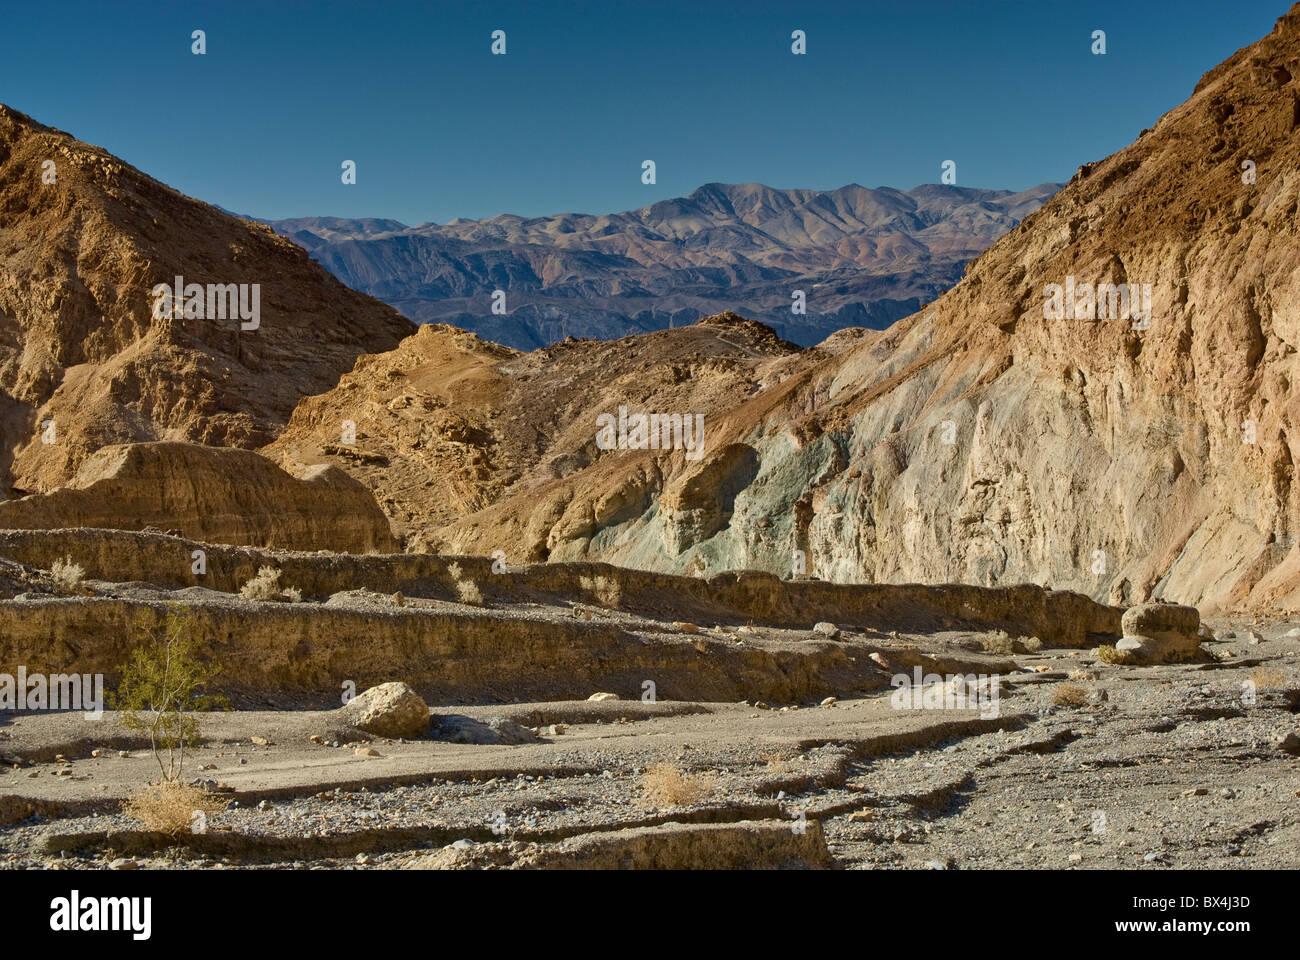 Canyon di mosaico, pioppi neri americani le montagne in distanza, Death Valley, California, Stati Uniti d'America Immagini Stock